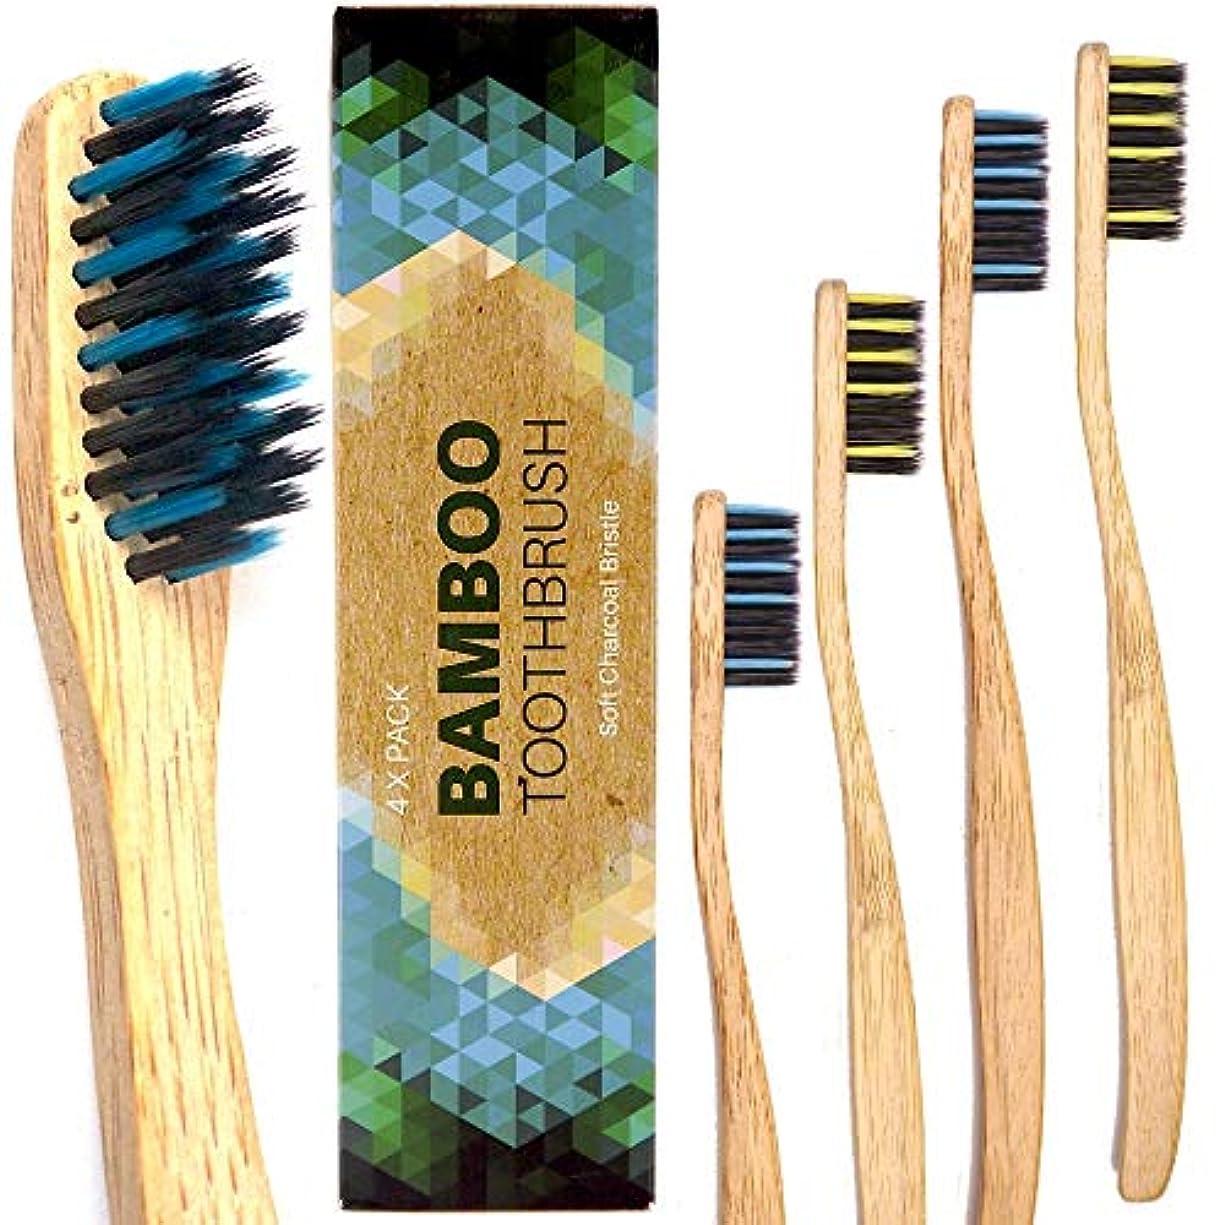 恐ろしいスリップシューズ報酬竹製歯ブラシ。チャコールブリストル大人 - ミディアム及びソフト、生分解性、ビーガン、バイオ、エコ、持続可能な木製ハンドル4本パック4 Bamboo Toothbrushes, ホワイトニング 歯, ドイツの品質, 竹歯ブラシ